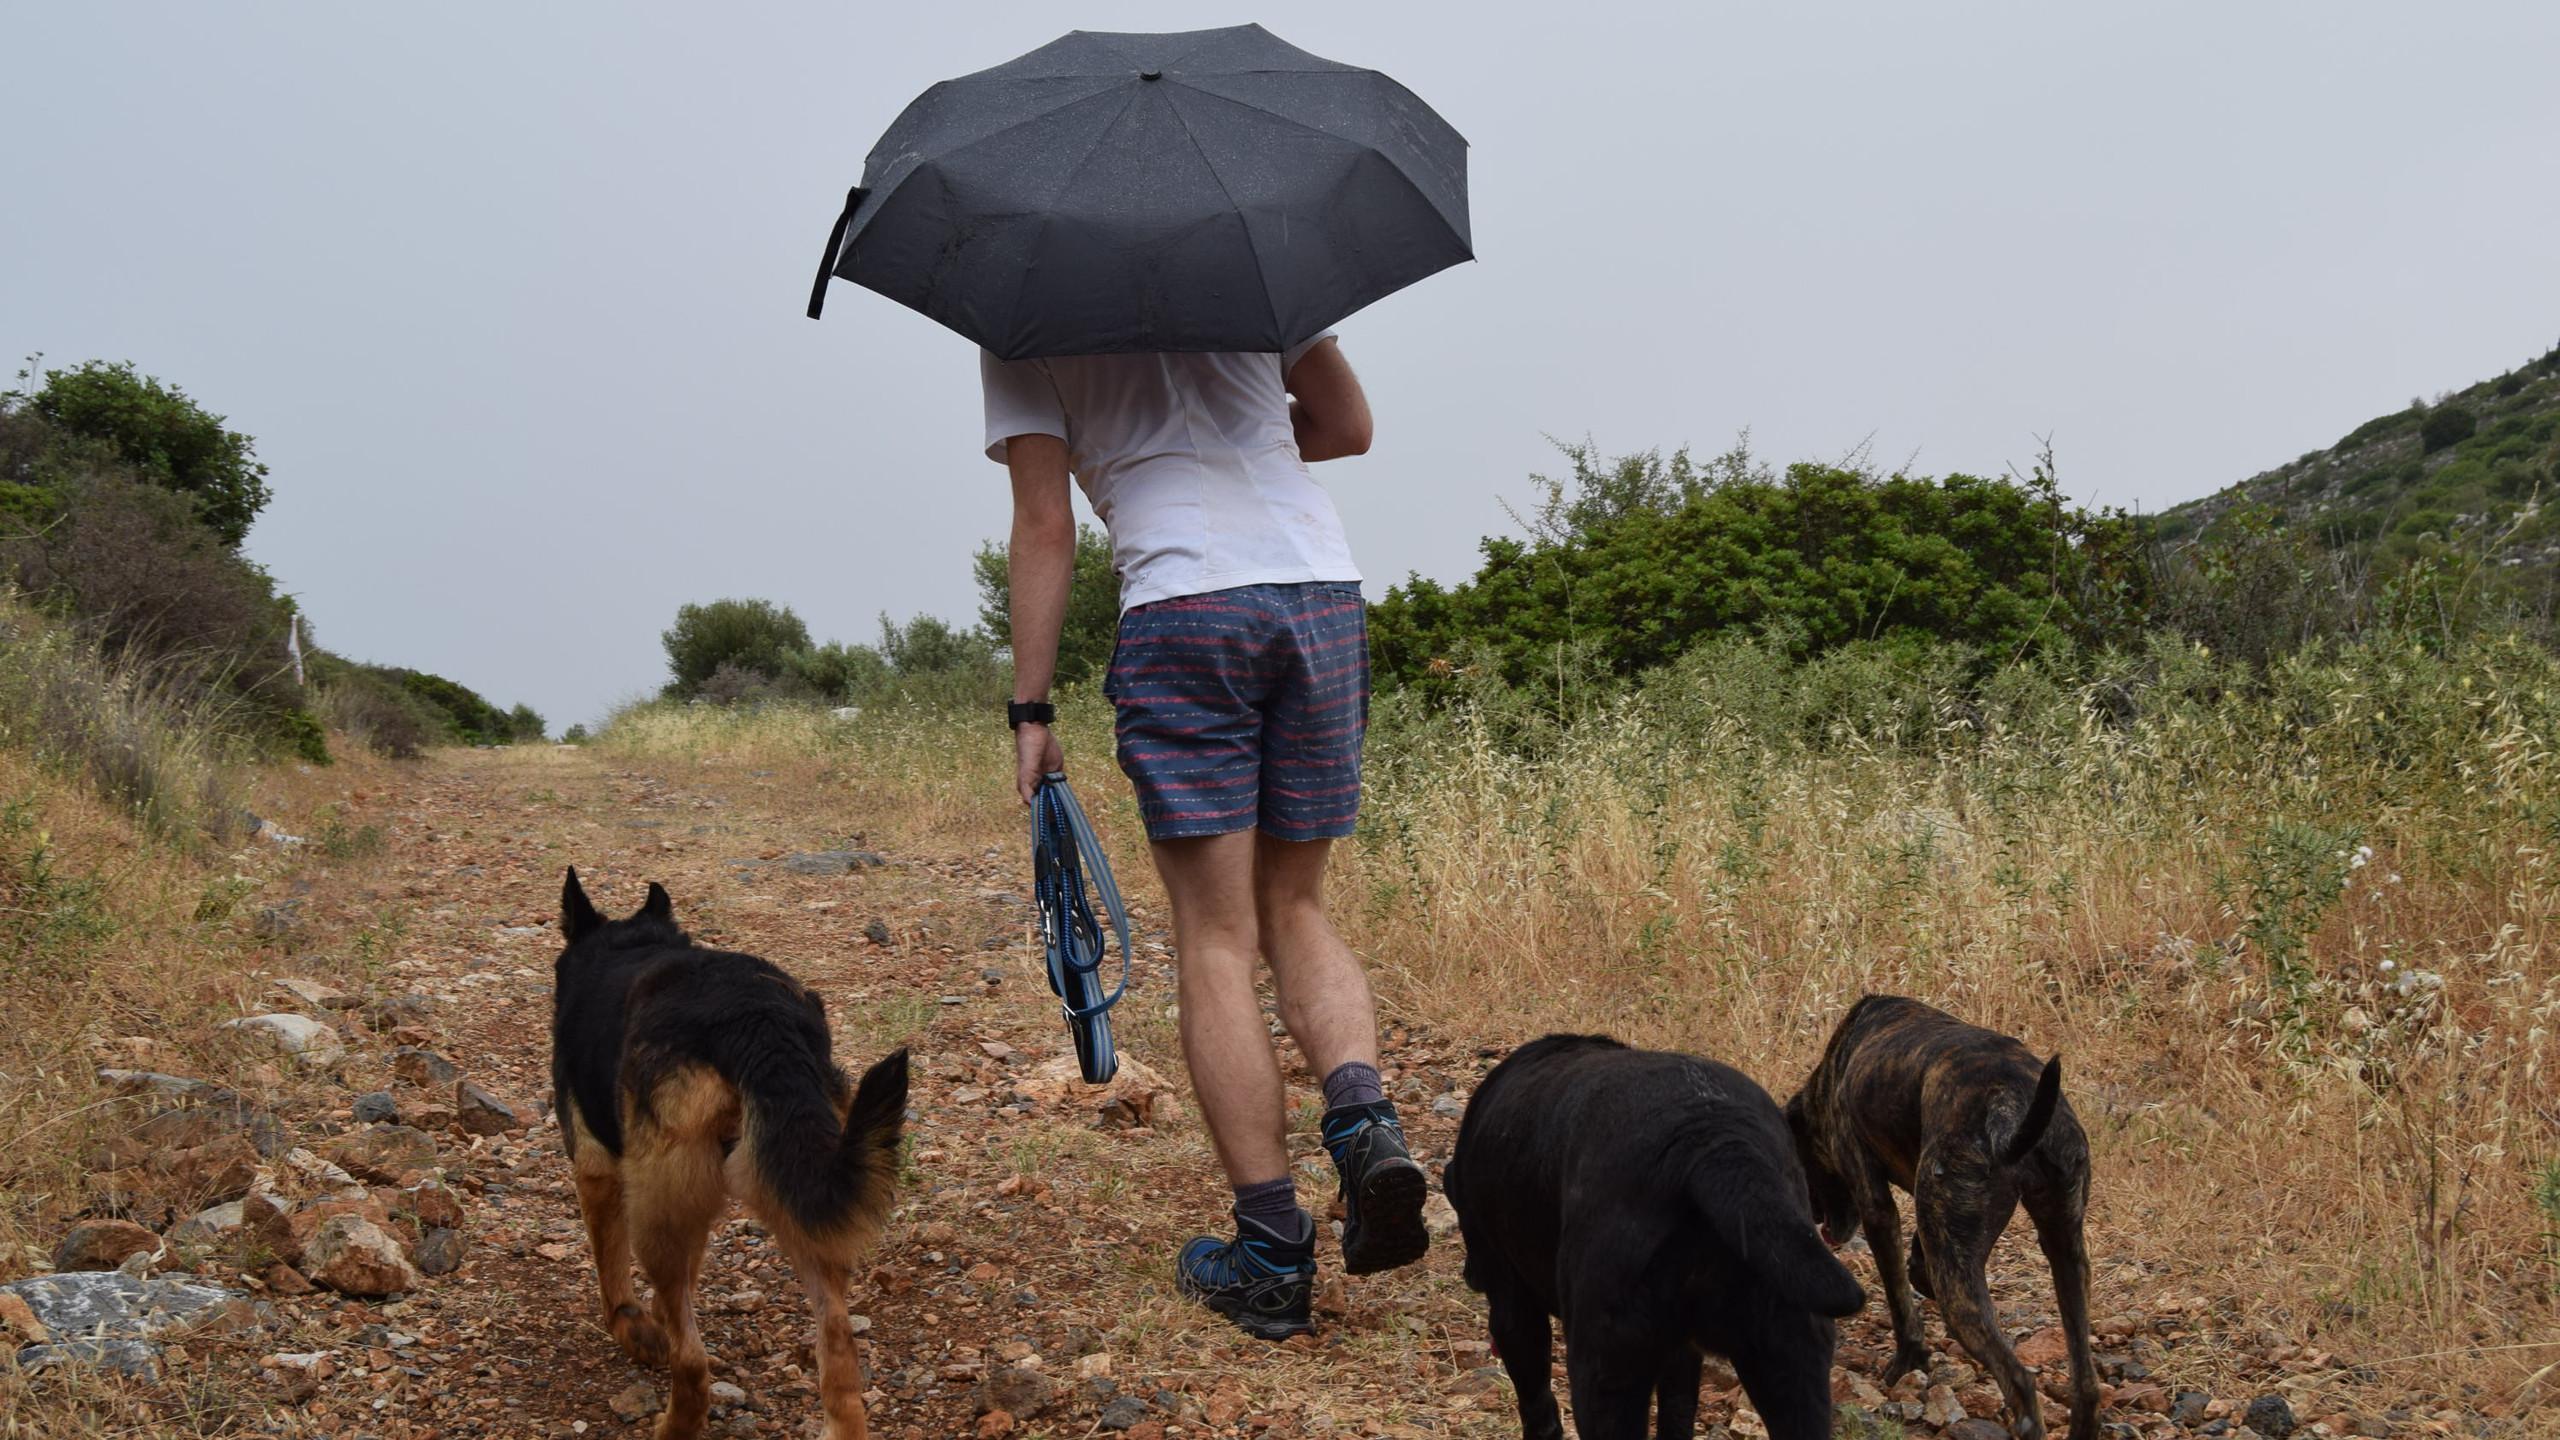 Rain in May, unheard of!